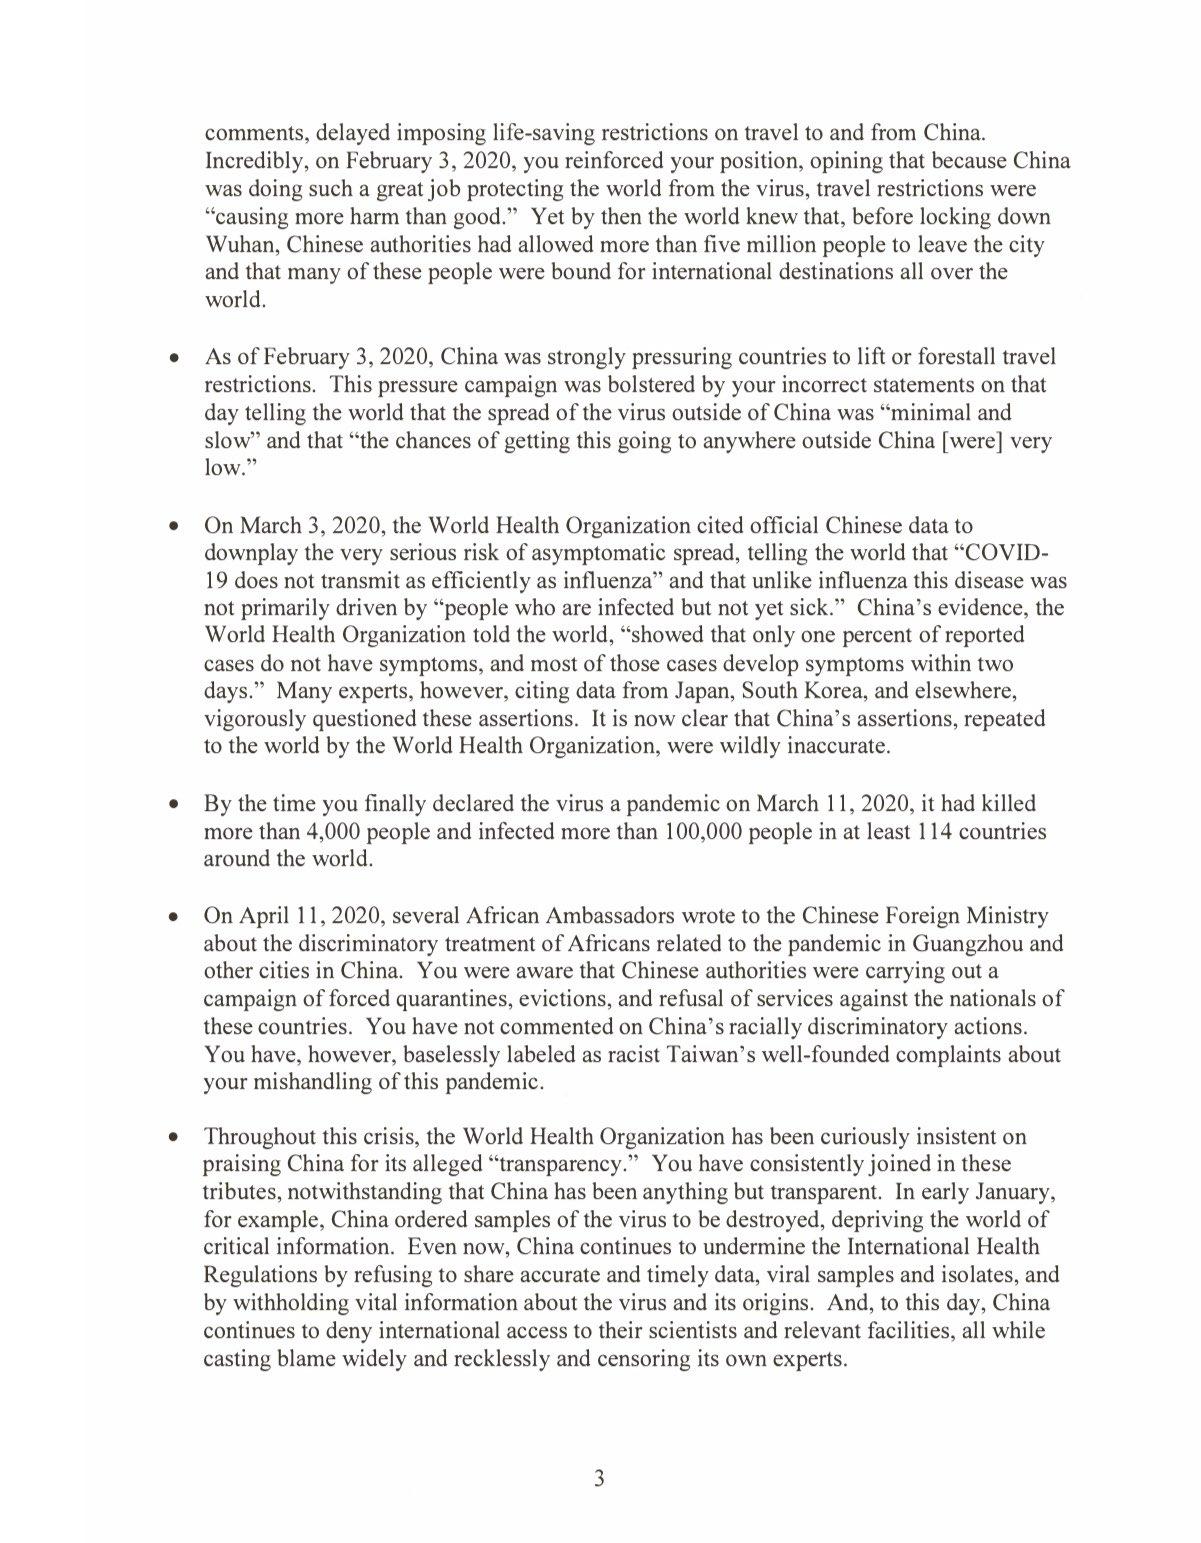 Письмо президента США Дональда Трампа главе ВОЗ Тедросу Гебрейесусу